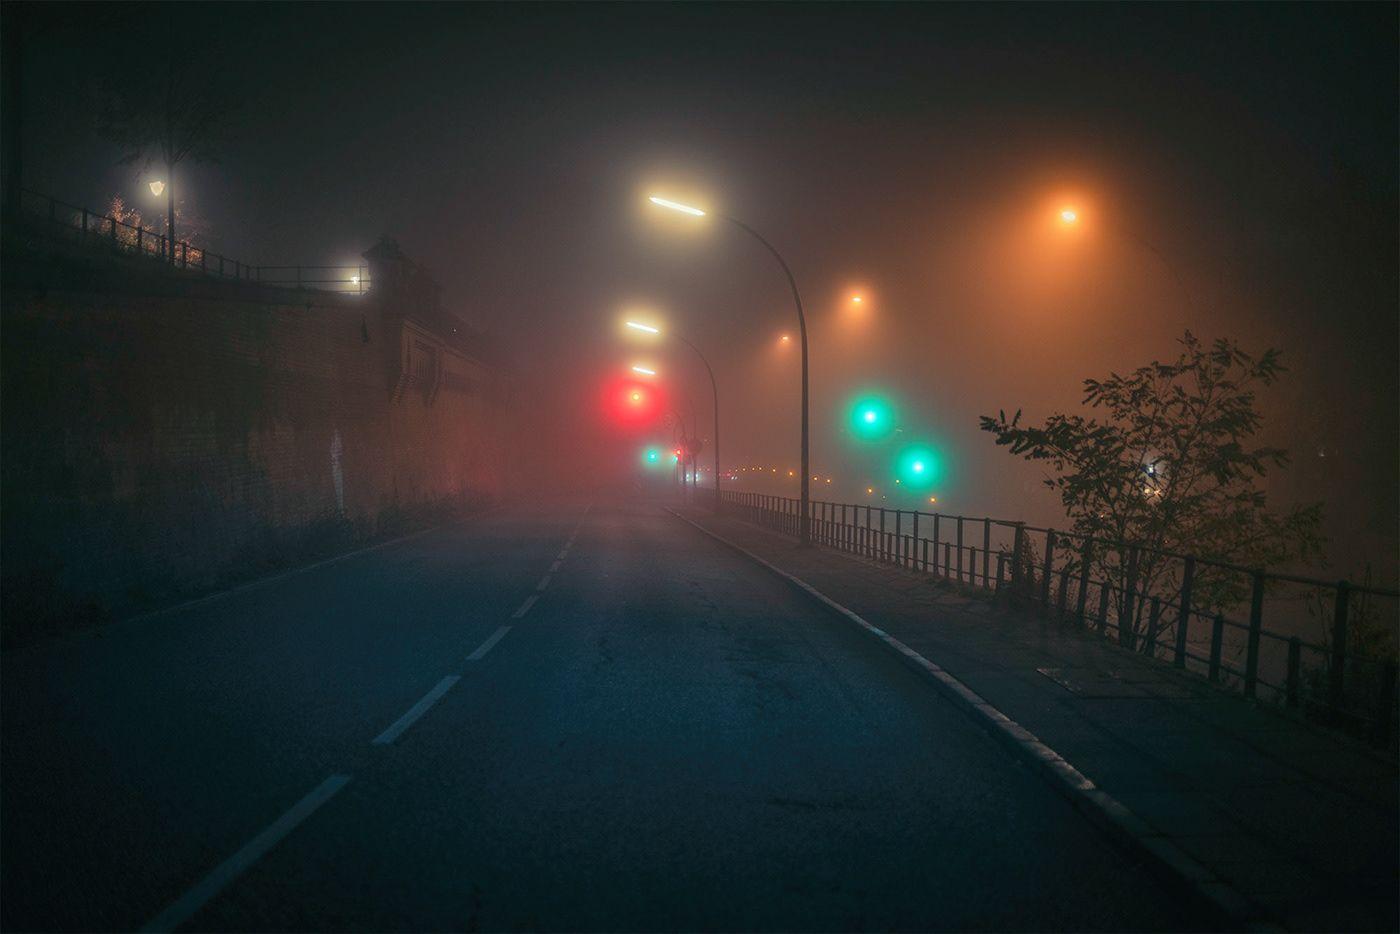 What The Fog 4 A M On Behance Fog Photography Street Photography Night Photography Dark street night fog light mist